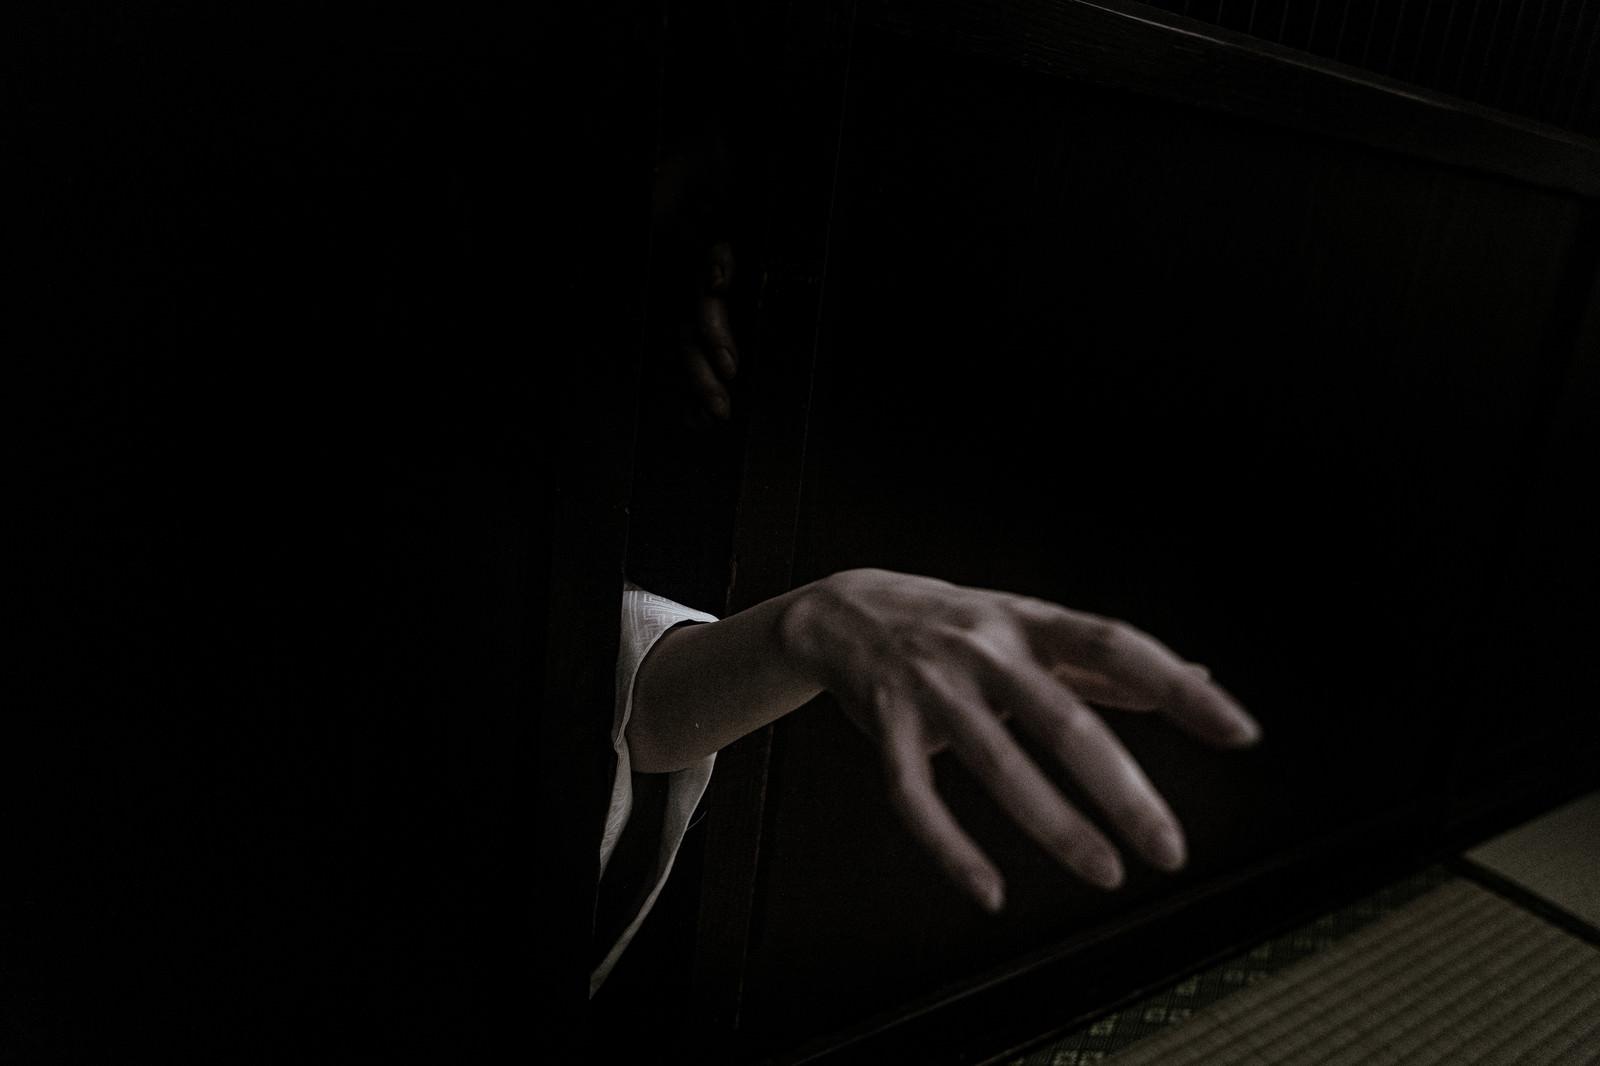 「隙間から手が伸びる」の写真